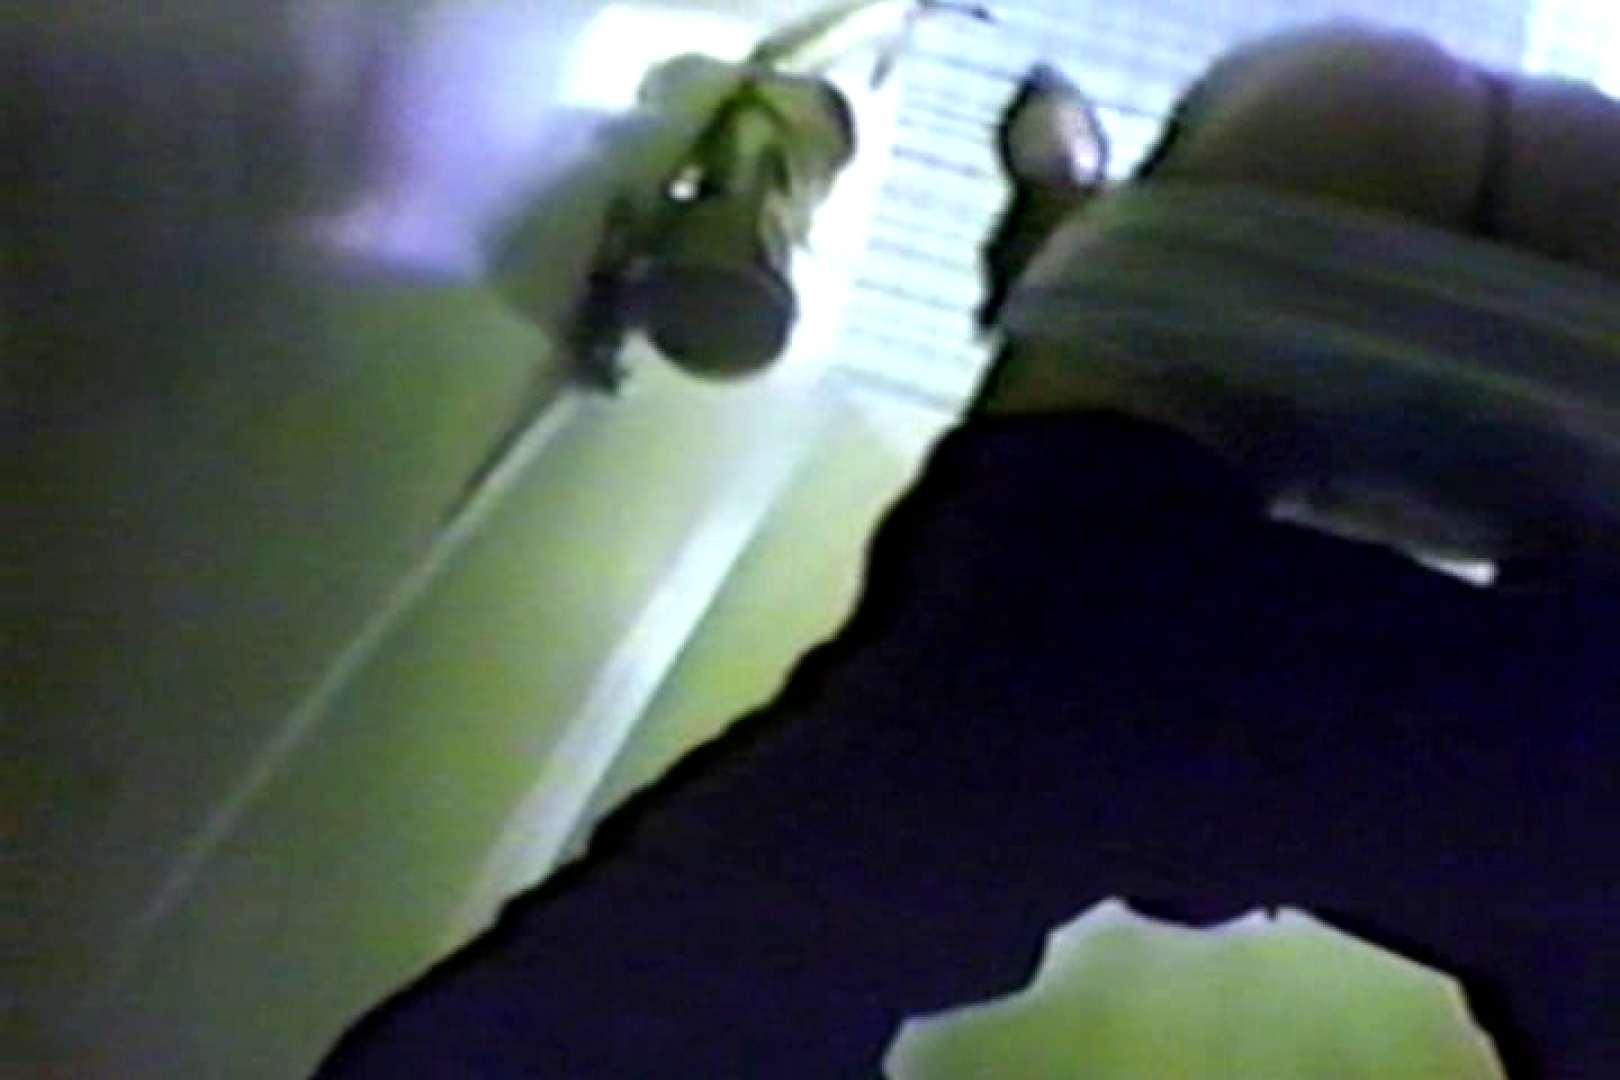 個室狂いのマニア映像Vol.1 エロティックなOL われめAV動画紹介 95画像 26